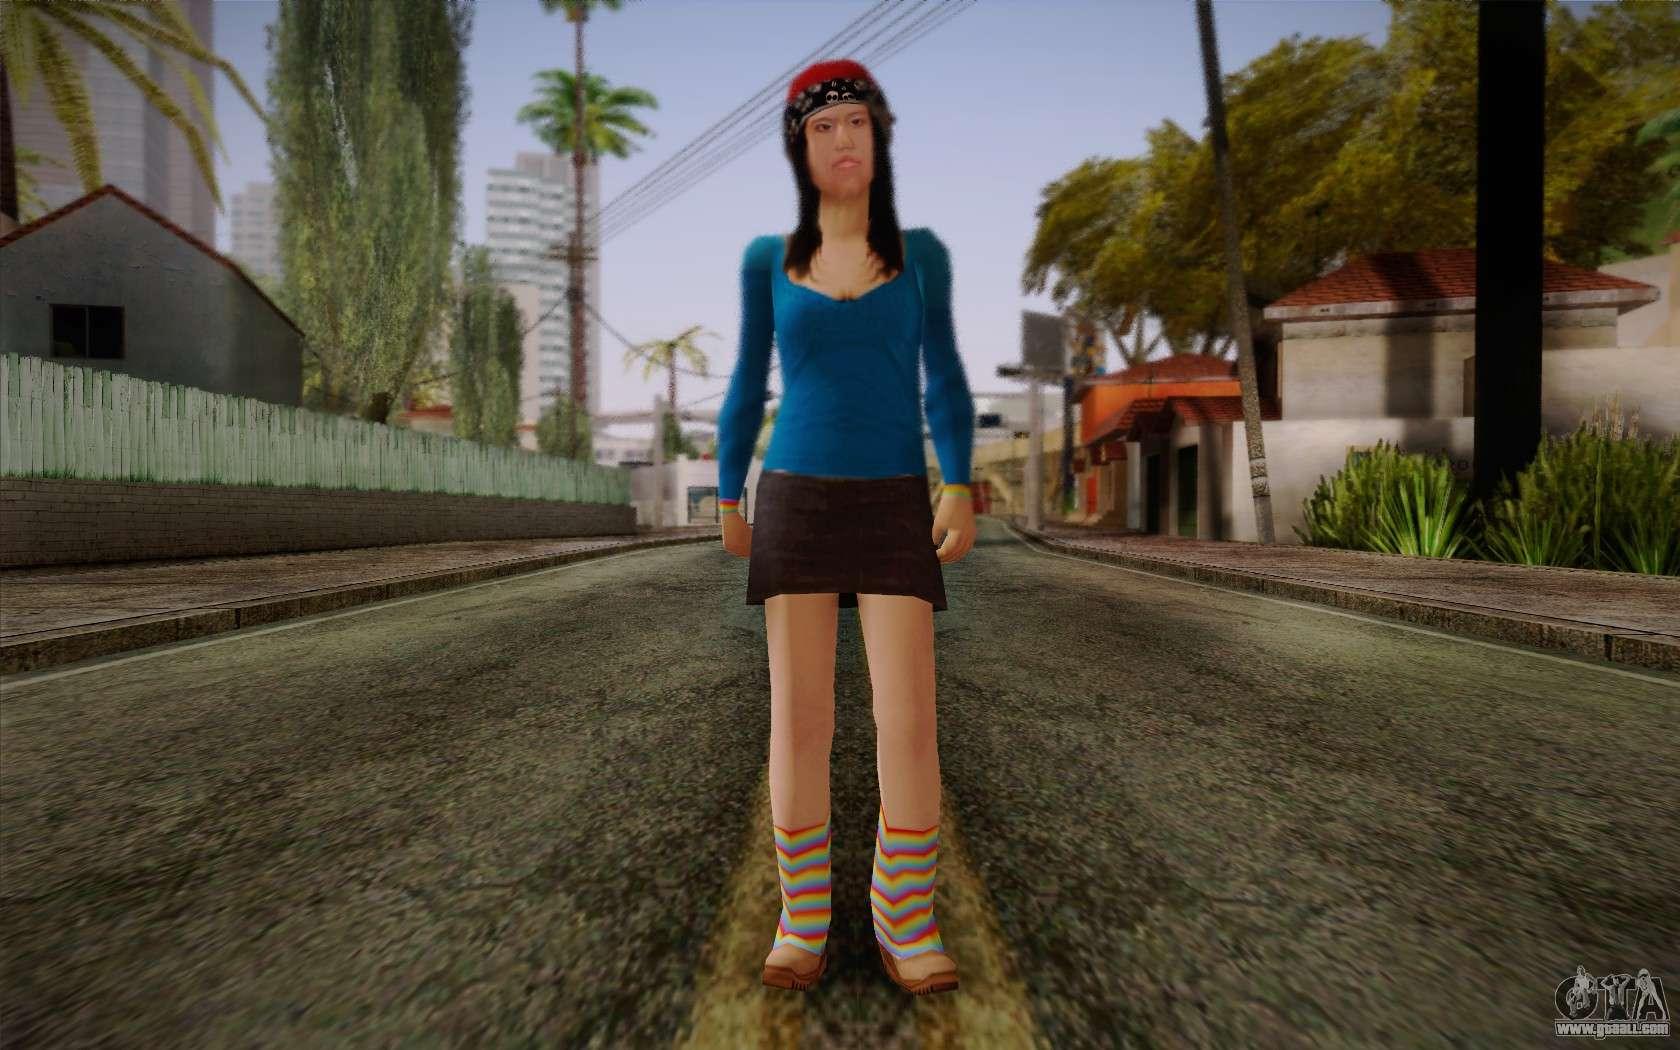 Ginos Ped 5 for GTA San Andreas